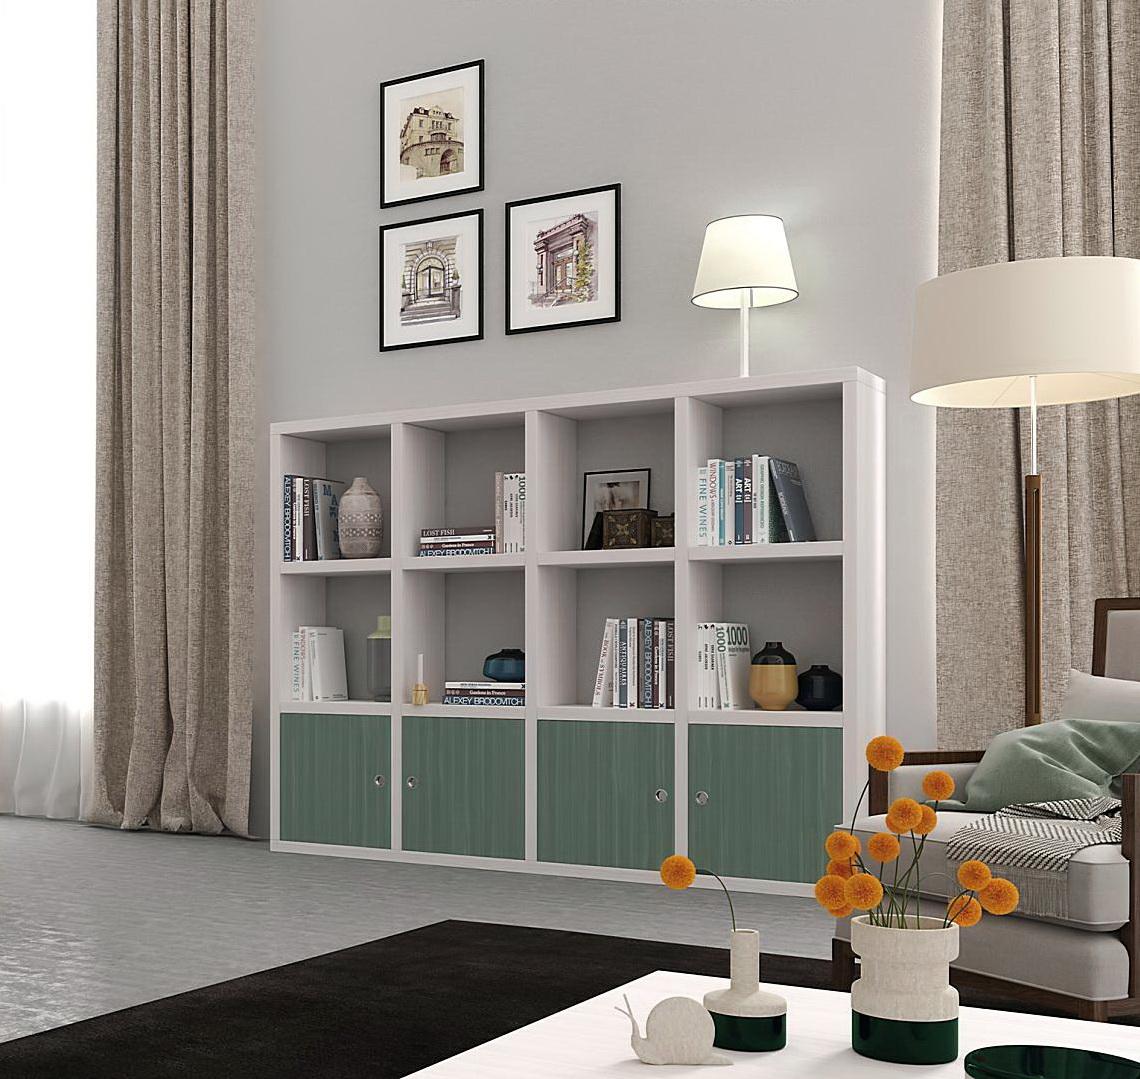 Libreros Modernos By Ecopin Muebles Anto N # Muebles Libreros